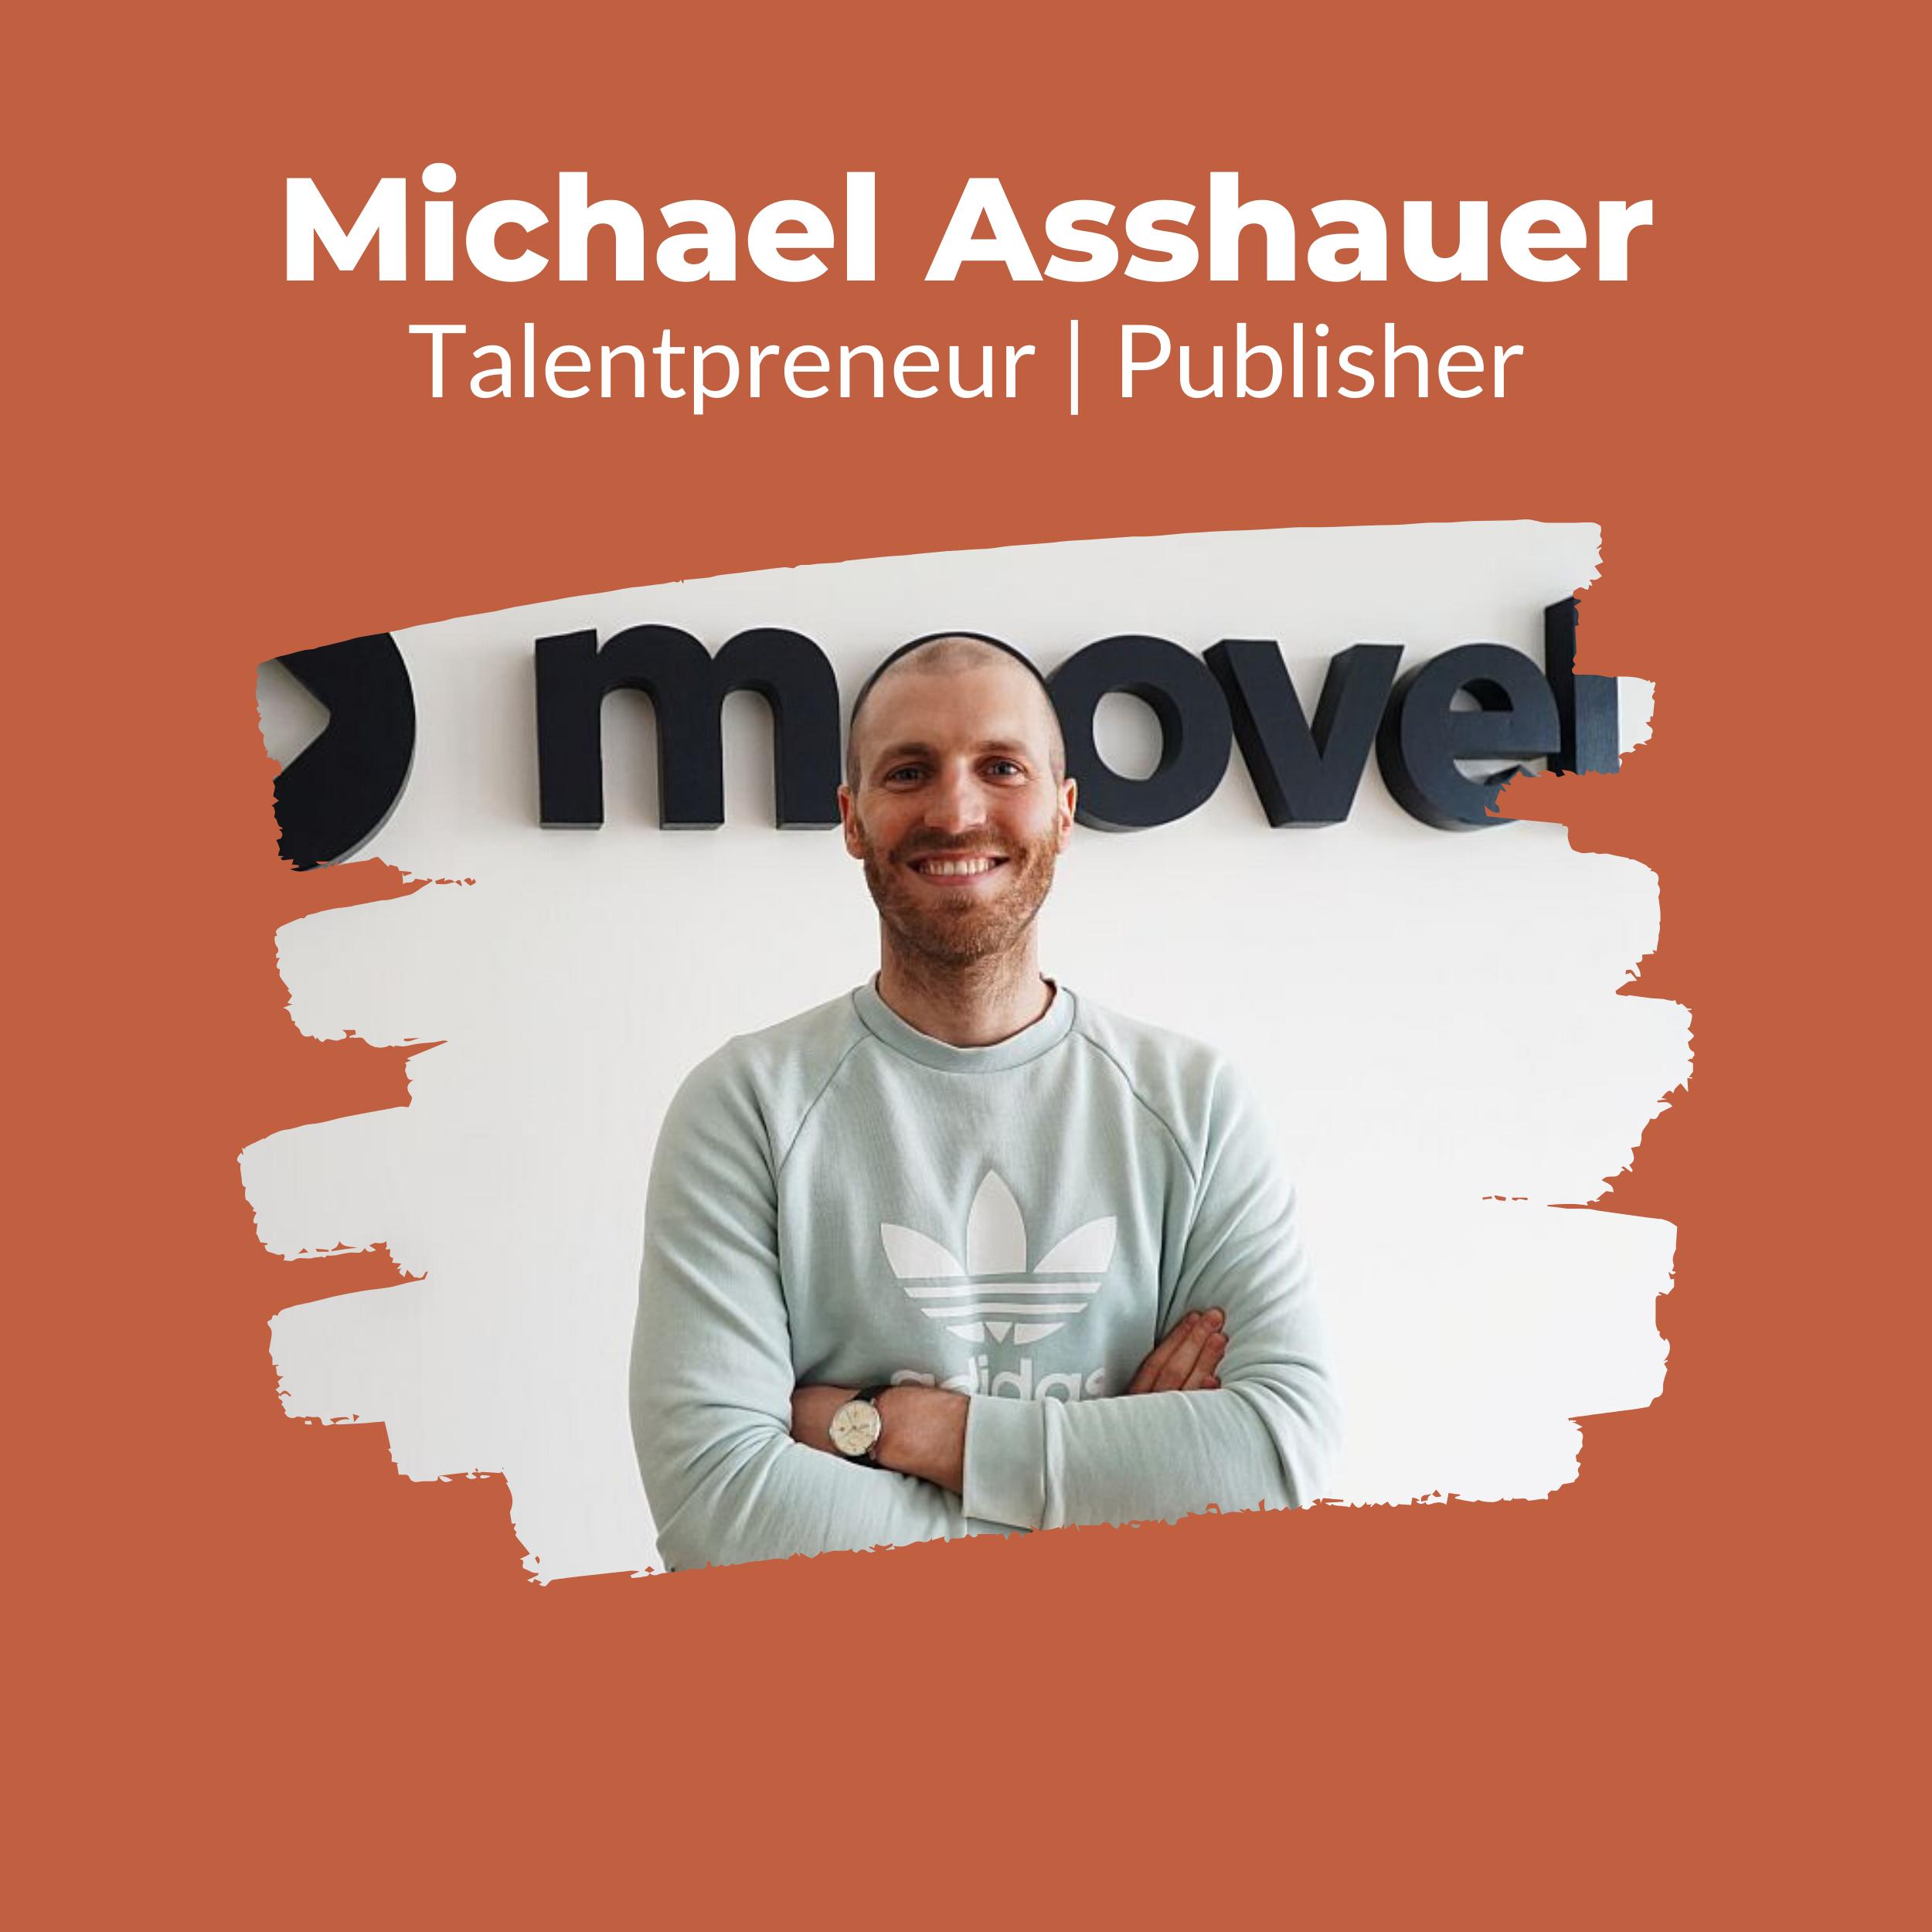 Michael Asshauer